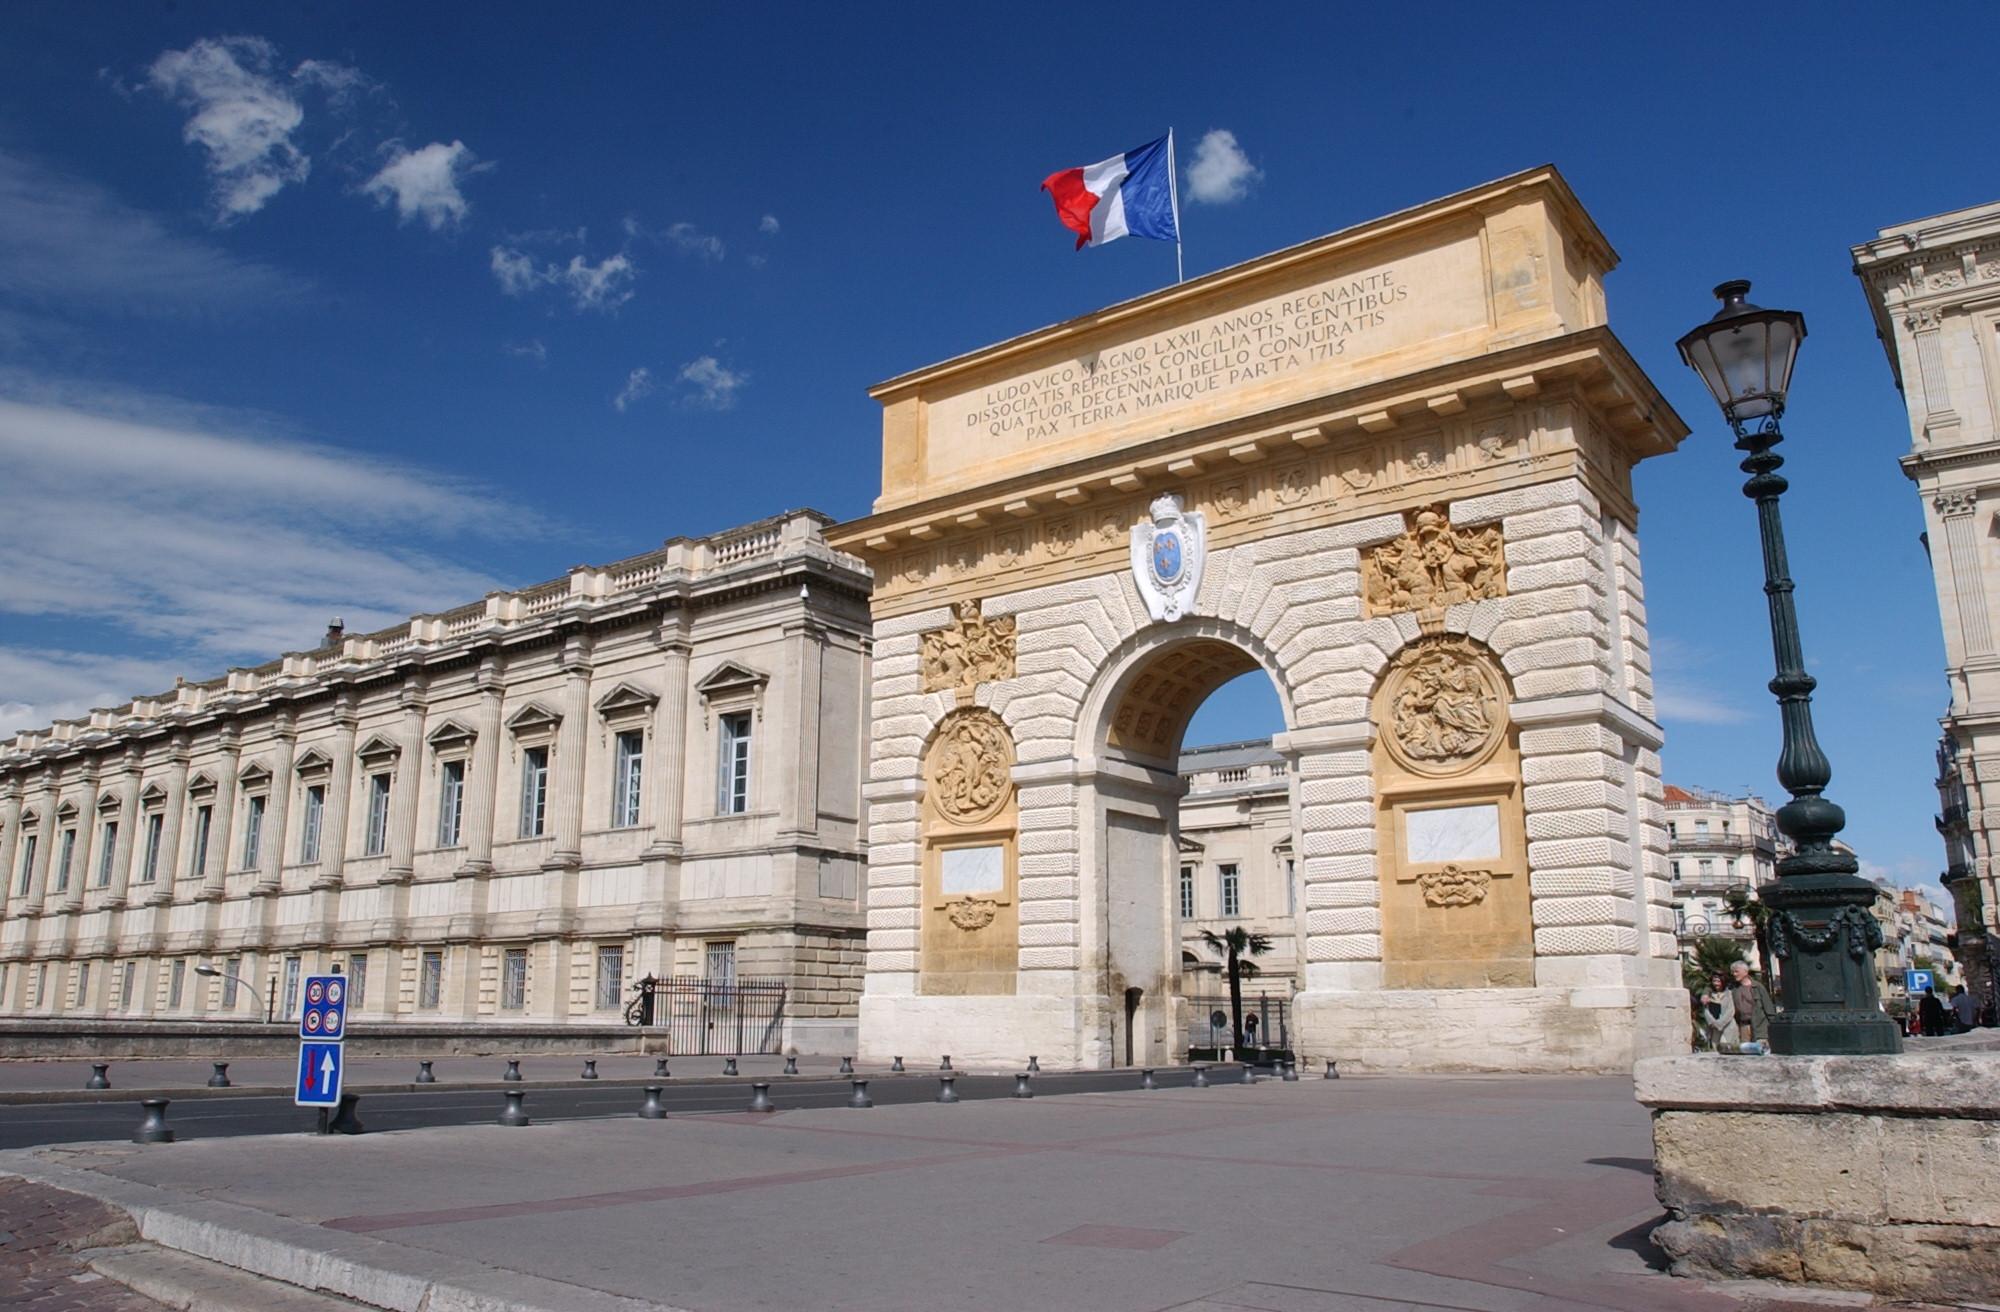 Montpellier montpellier m diterran e m tropole - Office du tourisme montpellier ...